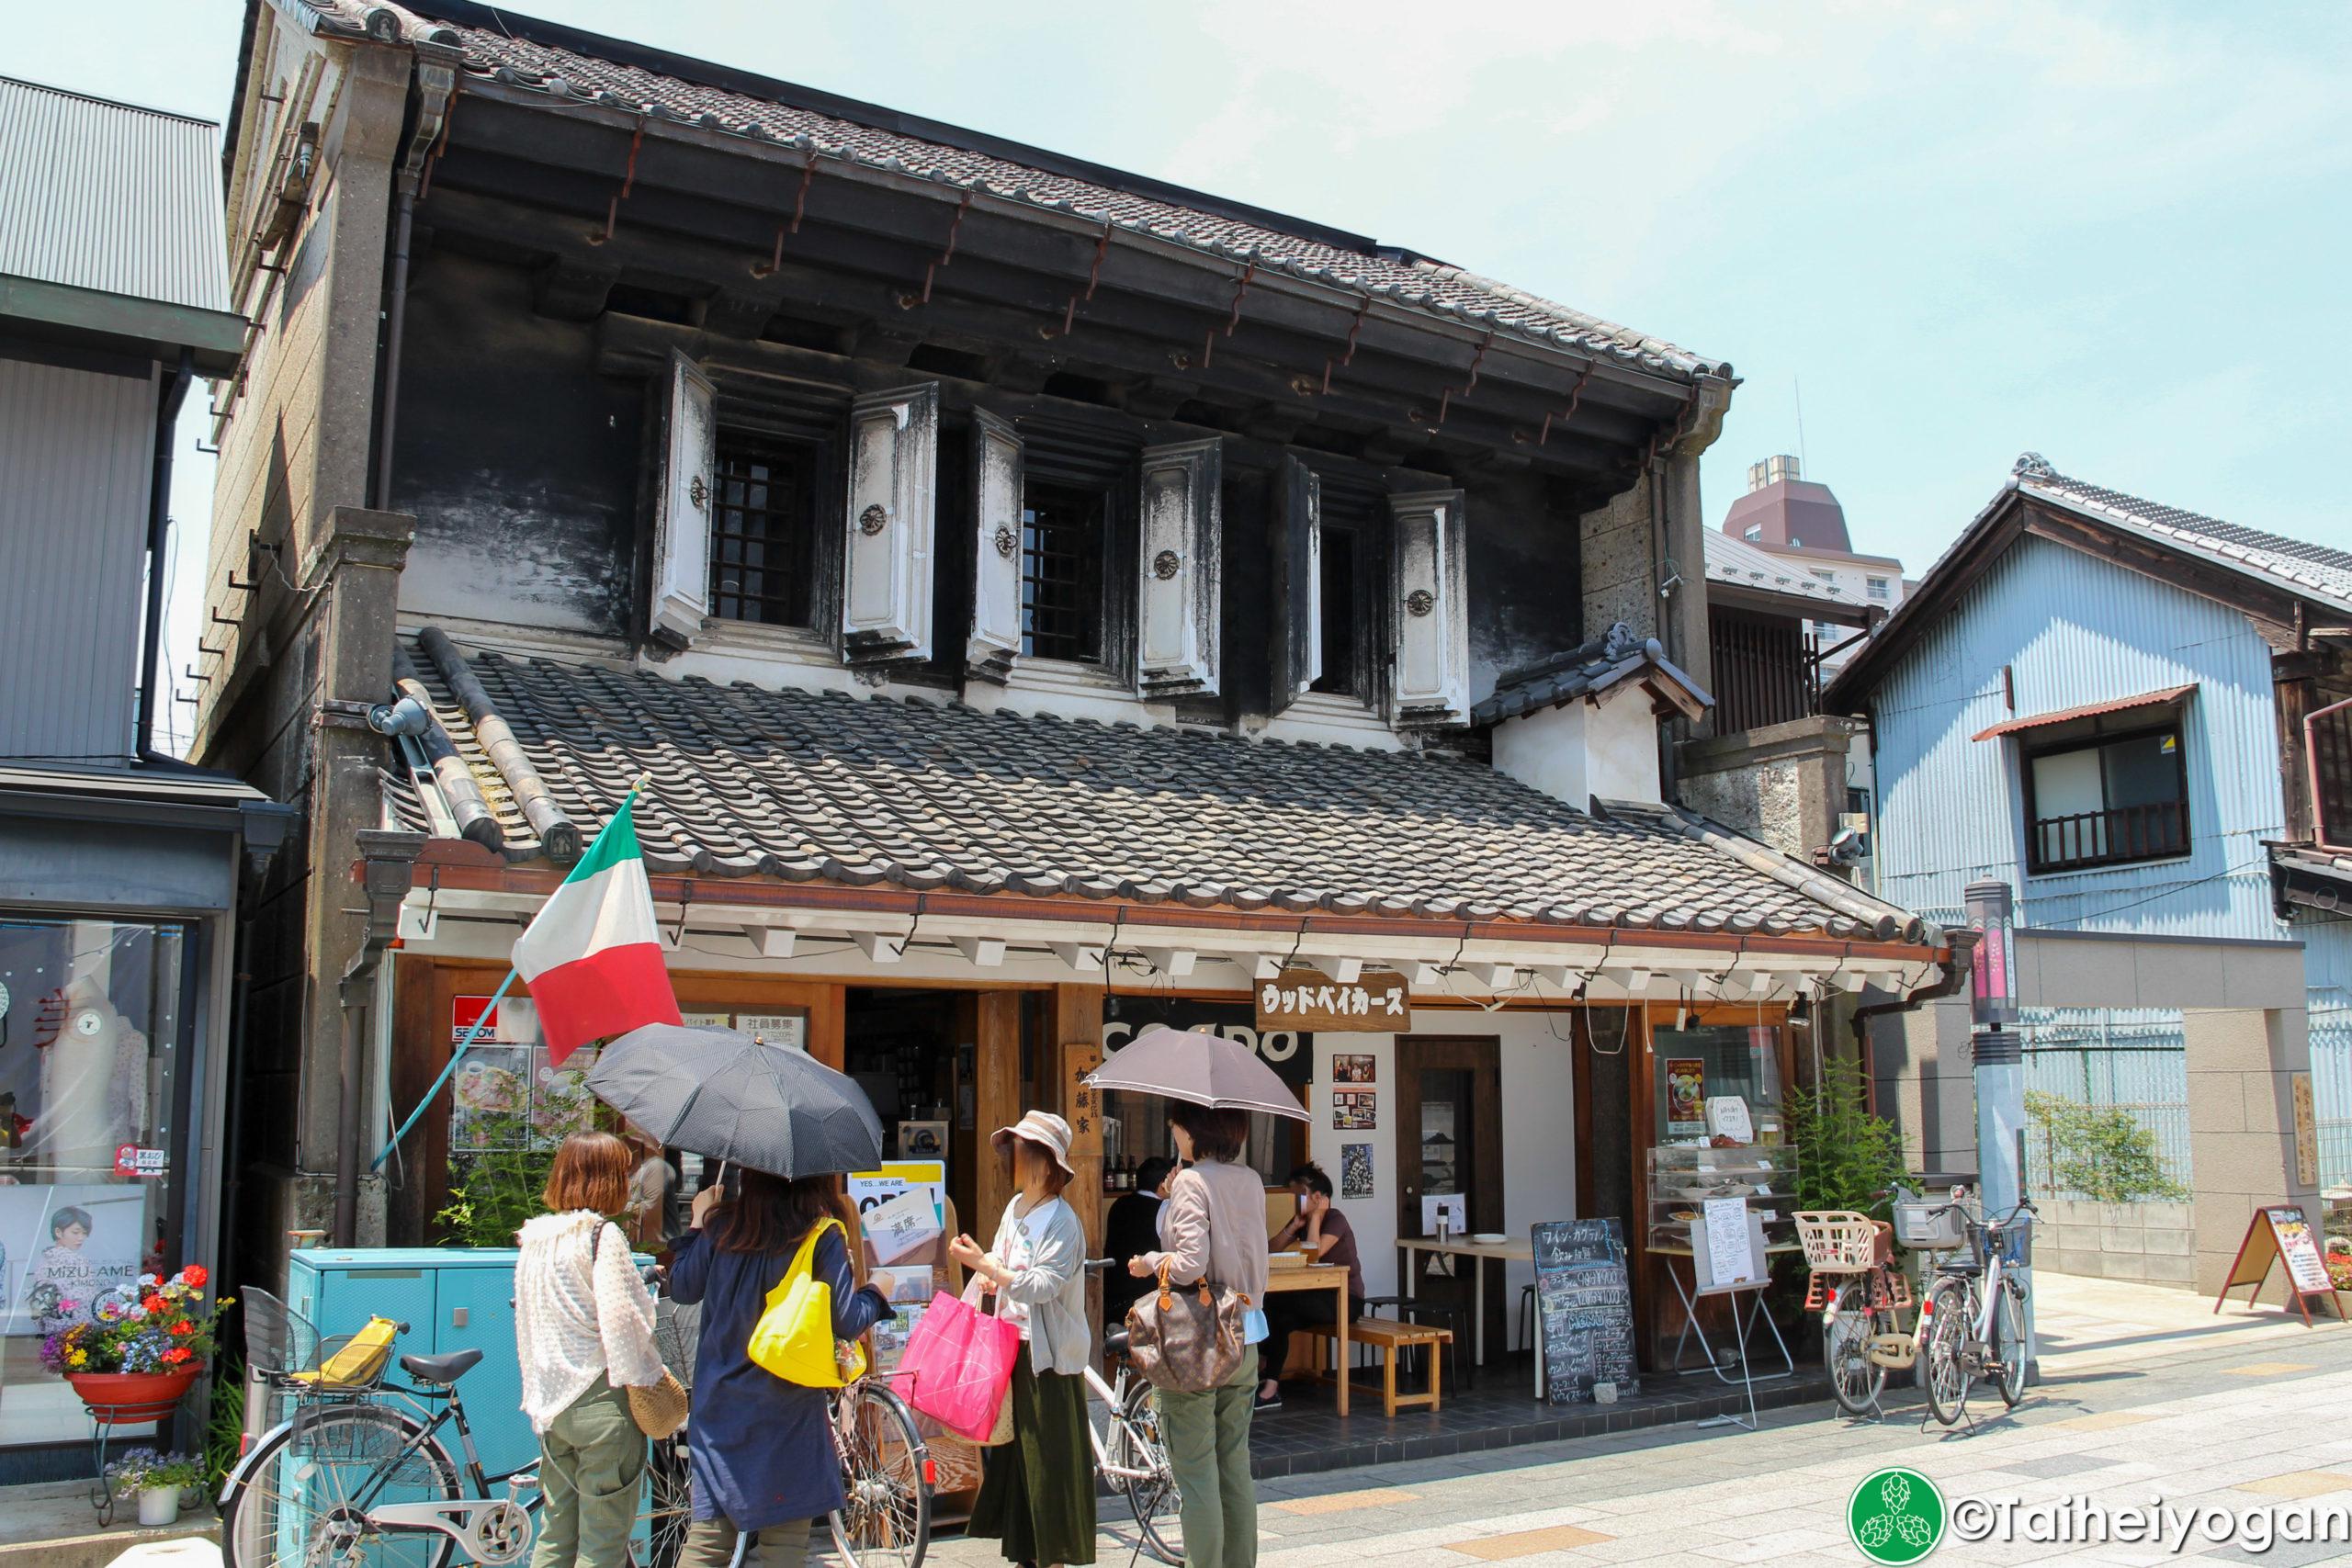 ウッドベイカーズ 川越店・Wood Bakers Kawagoe - Entrance